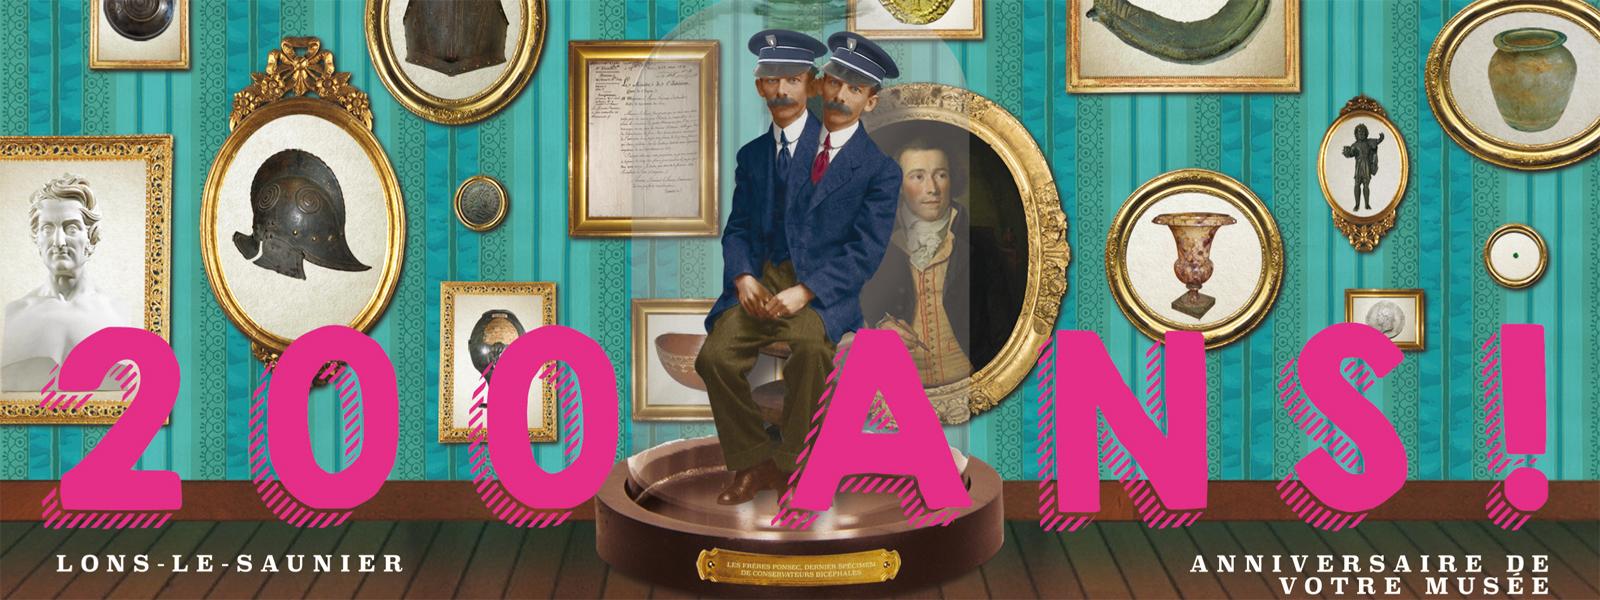 200 ans du Musée de Lons le Saunier ! Exposition prolongée jusqu'au 22 septembre 2019